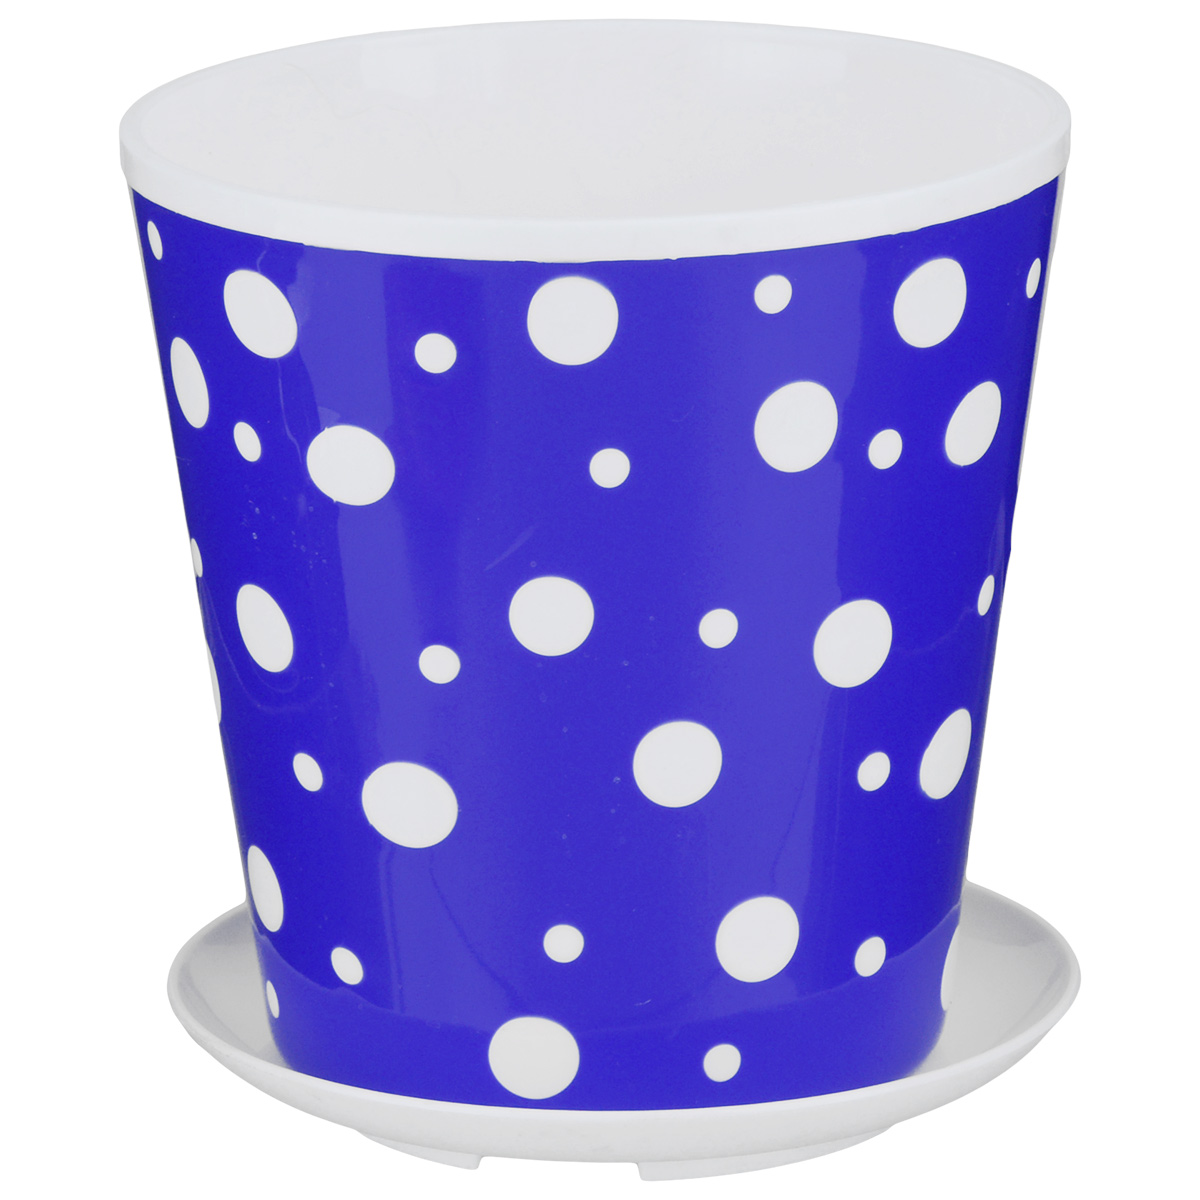 Горшок-кашпо Альтернатива Горошек, с подставкой, цвет: синий, белый, 1 лZ-0307Горшок-кашпо Альтернатива Горошек изготовлен из высококачественного пластика и оснащен круглой подставкой. Изделие подходит для выращивания растений и цветов в домашних условиях. Стильный яркий принт в горошек сделает такой горшок прекрасным дополнением интерьера. Объем горшка: 1 л. Диаметр горшка (по верхнему краю): 12 см. Высота горшка: 13 см. Диаметр подставки: 12 см.